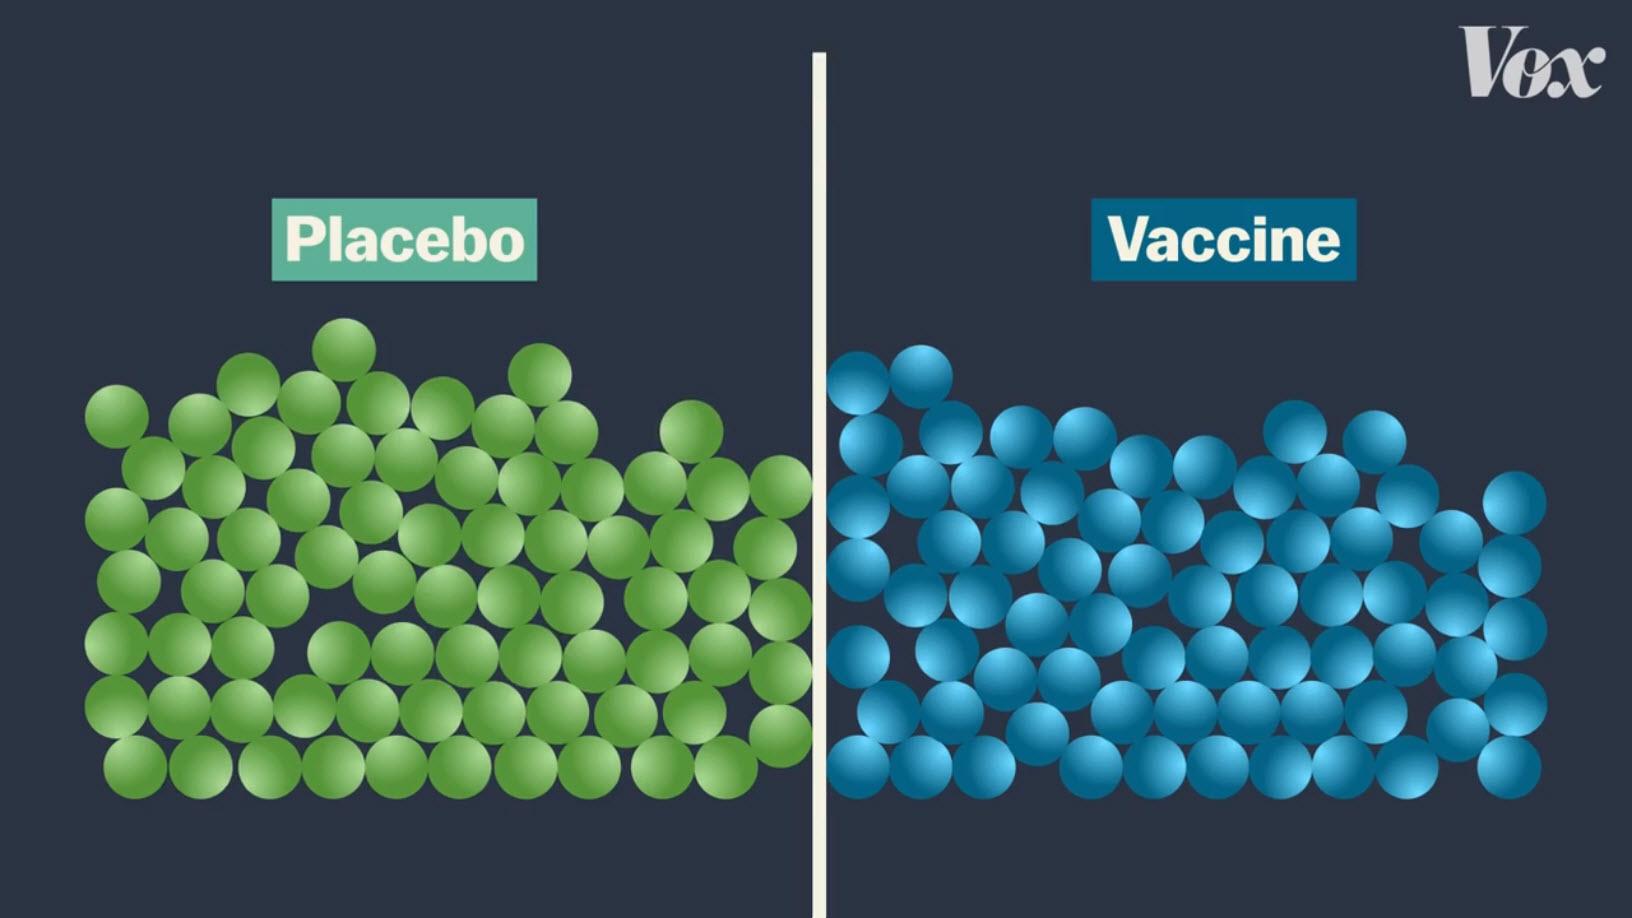 بهترین واکسن کرونا چیست؟